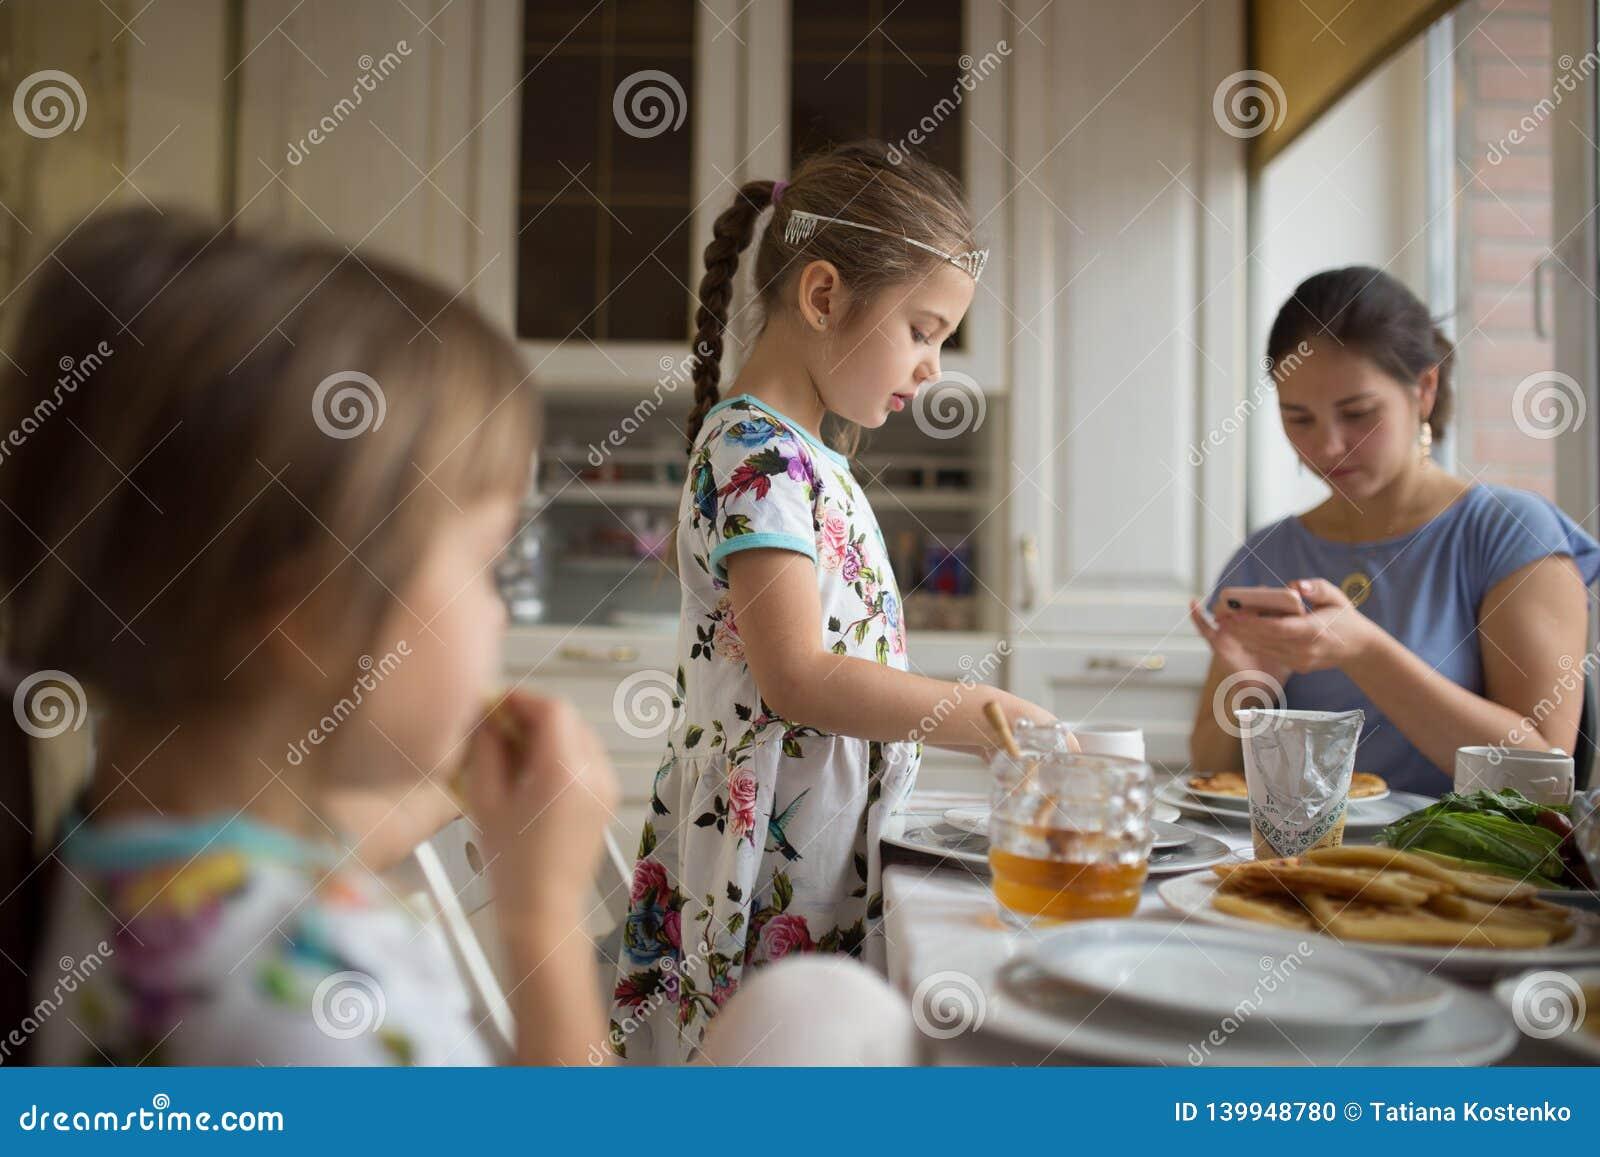 年轻有同情心的吃薄煎饼用蜂蜜的母亲和她的两个小女儿在早餐在舒适厨房里